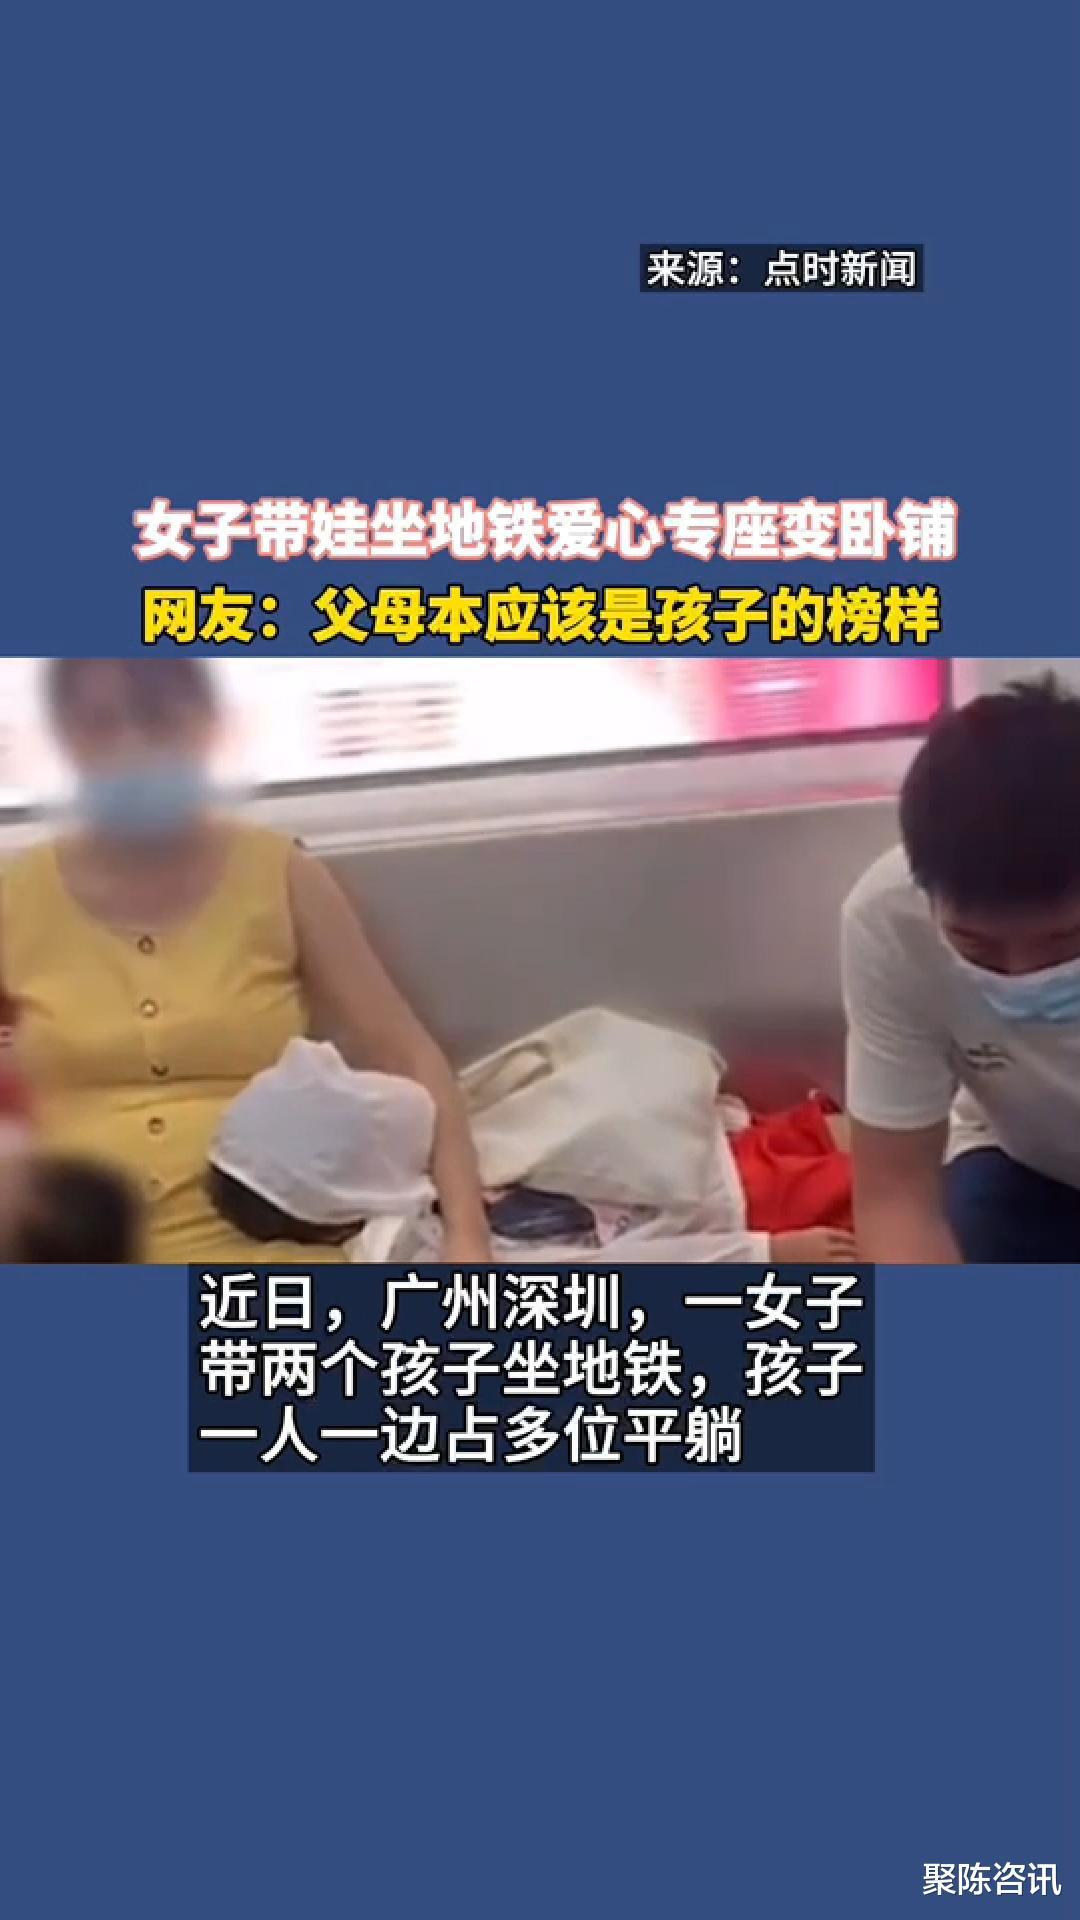 女子乘地铁放任孩子平躺占座 网友:父母本该是孩子的榜样